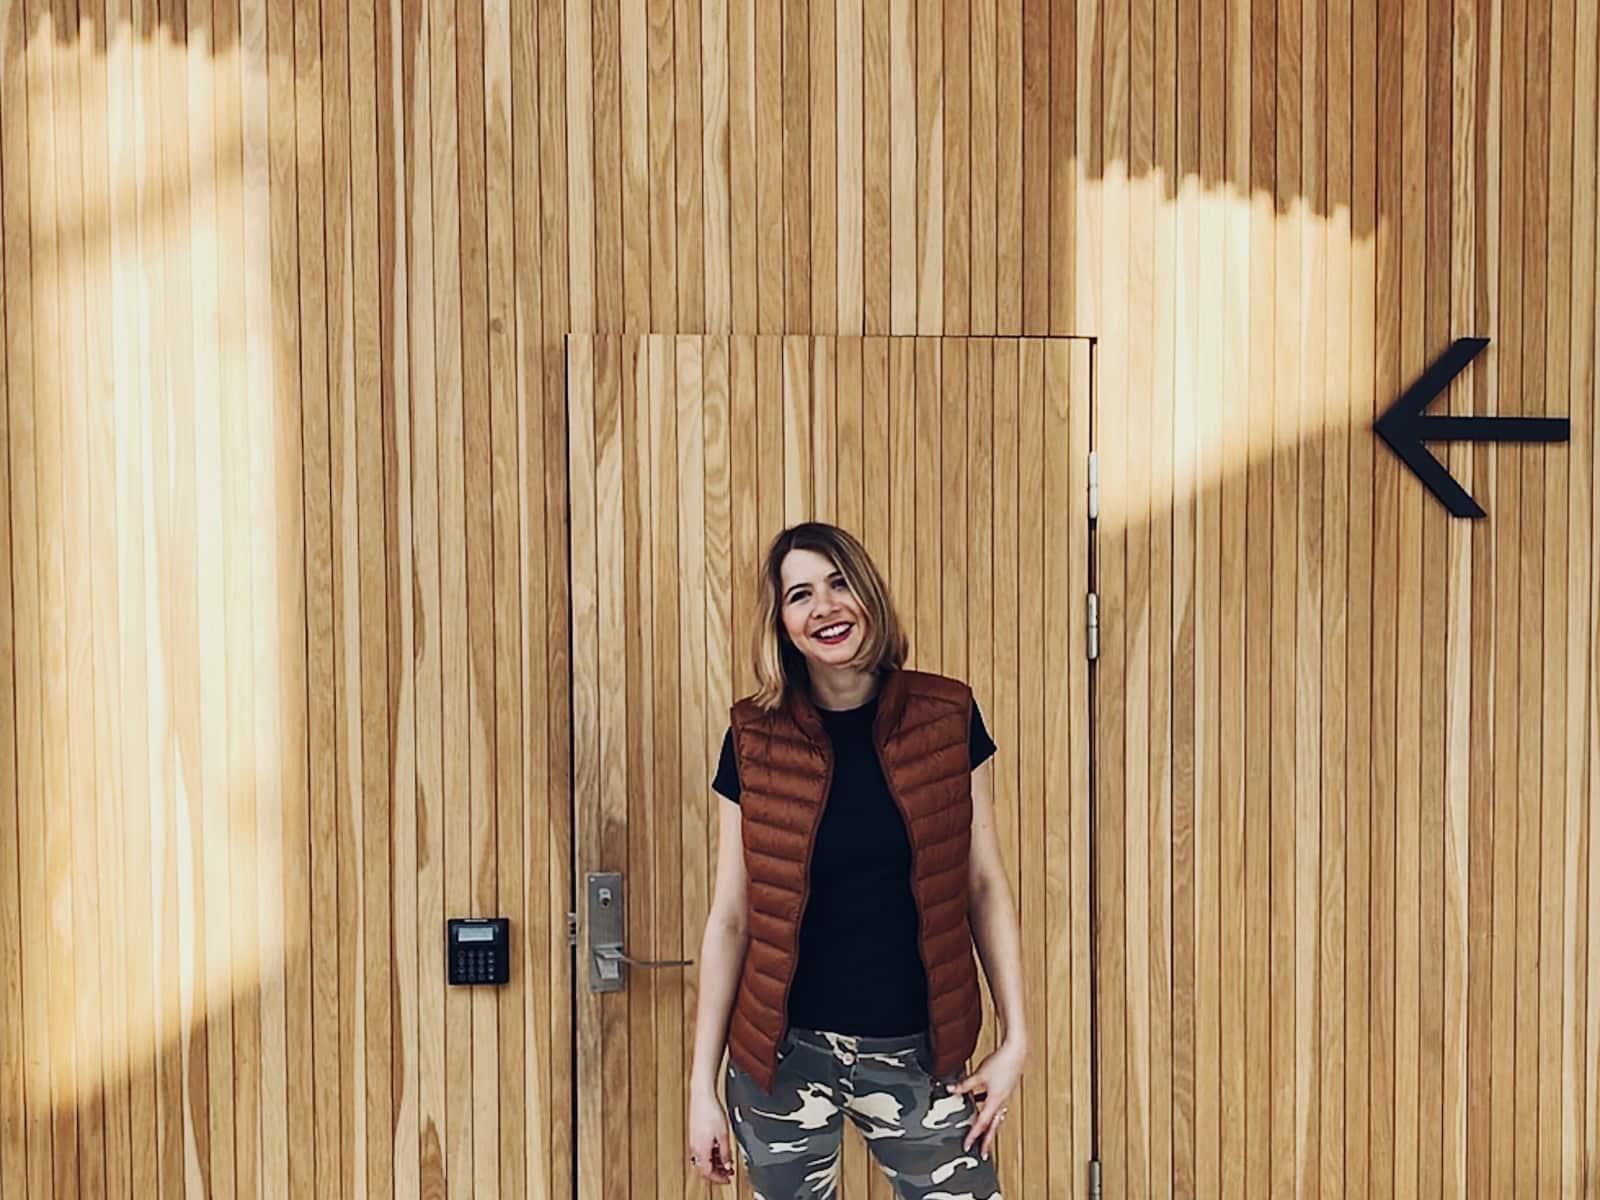 Jessie from Copenhagen, Denmark